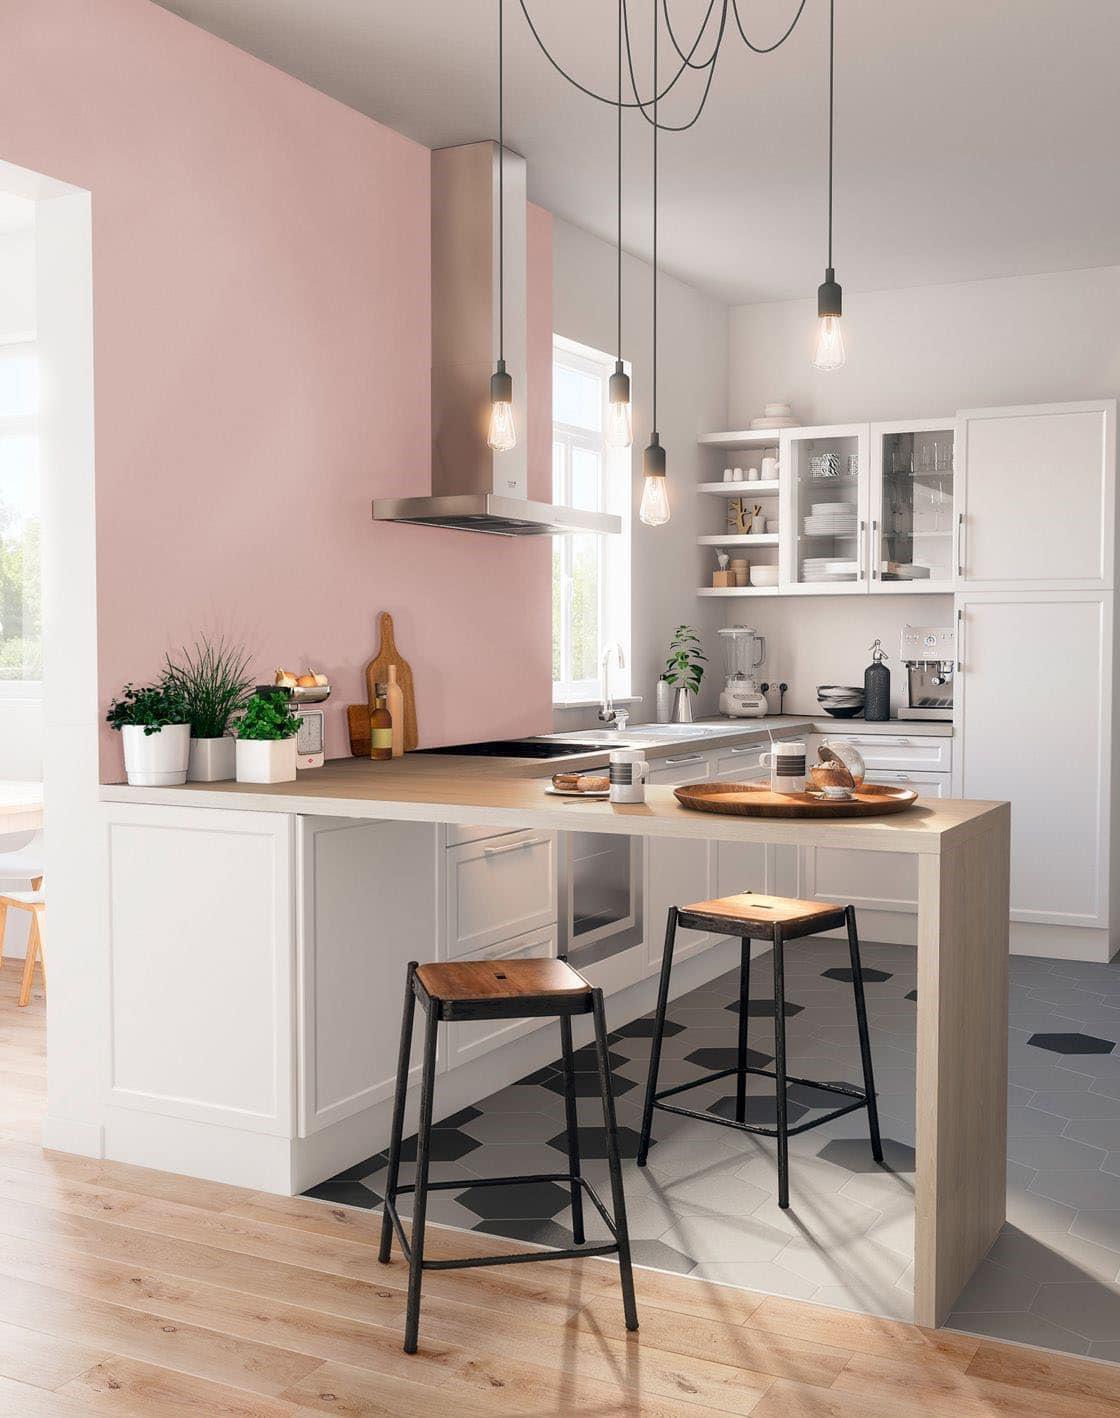 Choix De Peinture Cuisine peinture pour une cuisine blanche : quelle couleur choisir ?